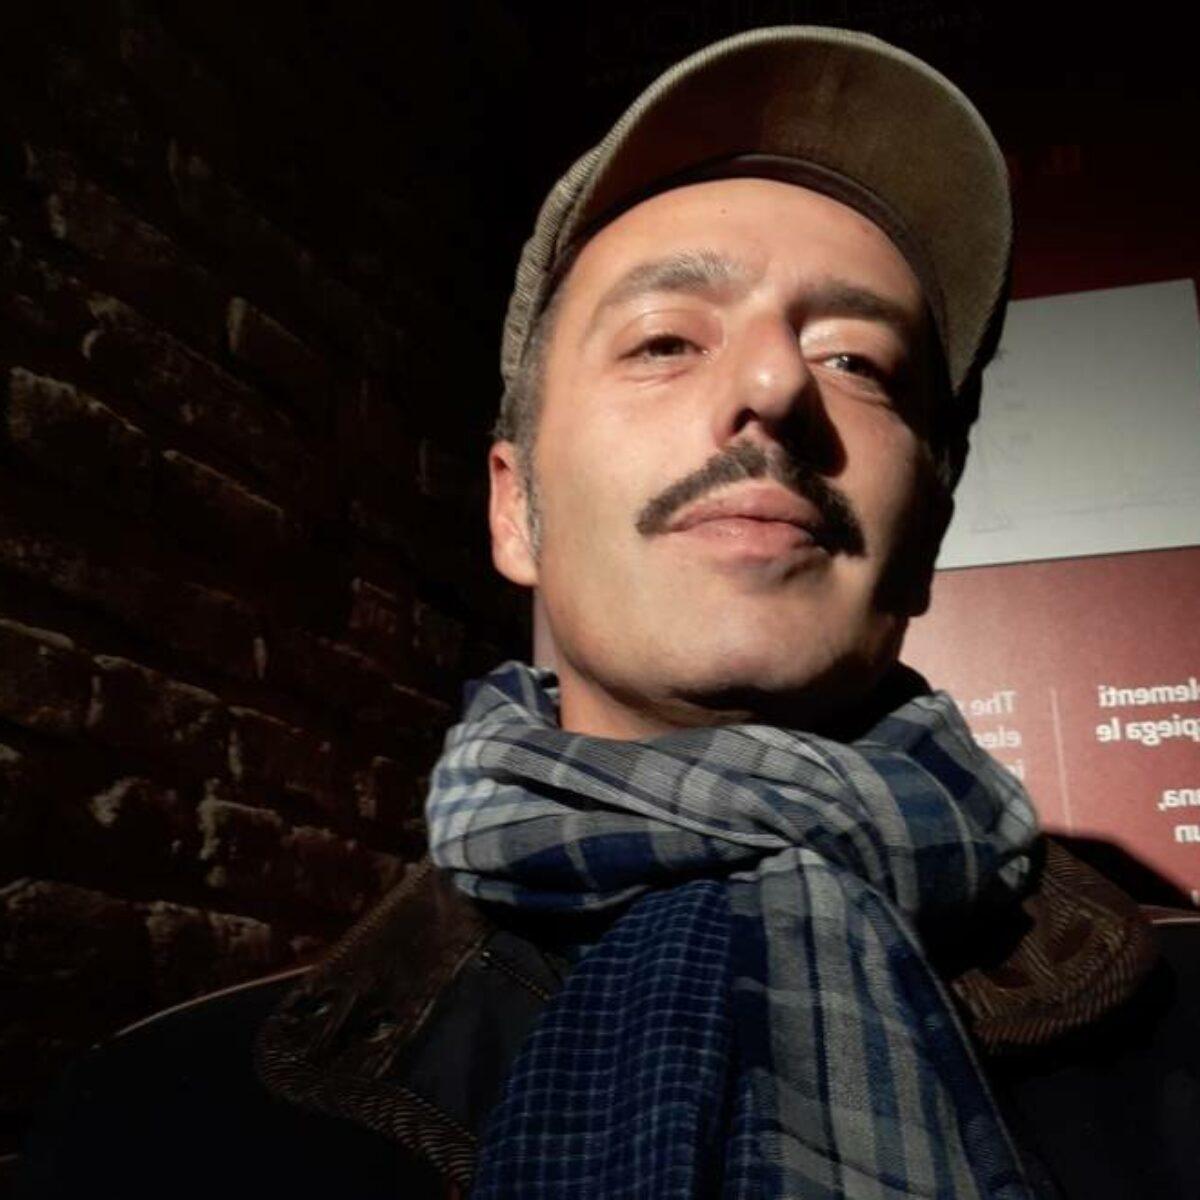 L'anno senza inverno: Enrico Brizzi racconta sul Corriere Romagna